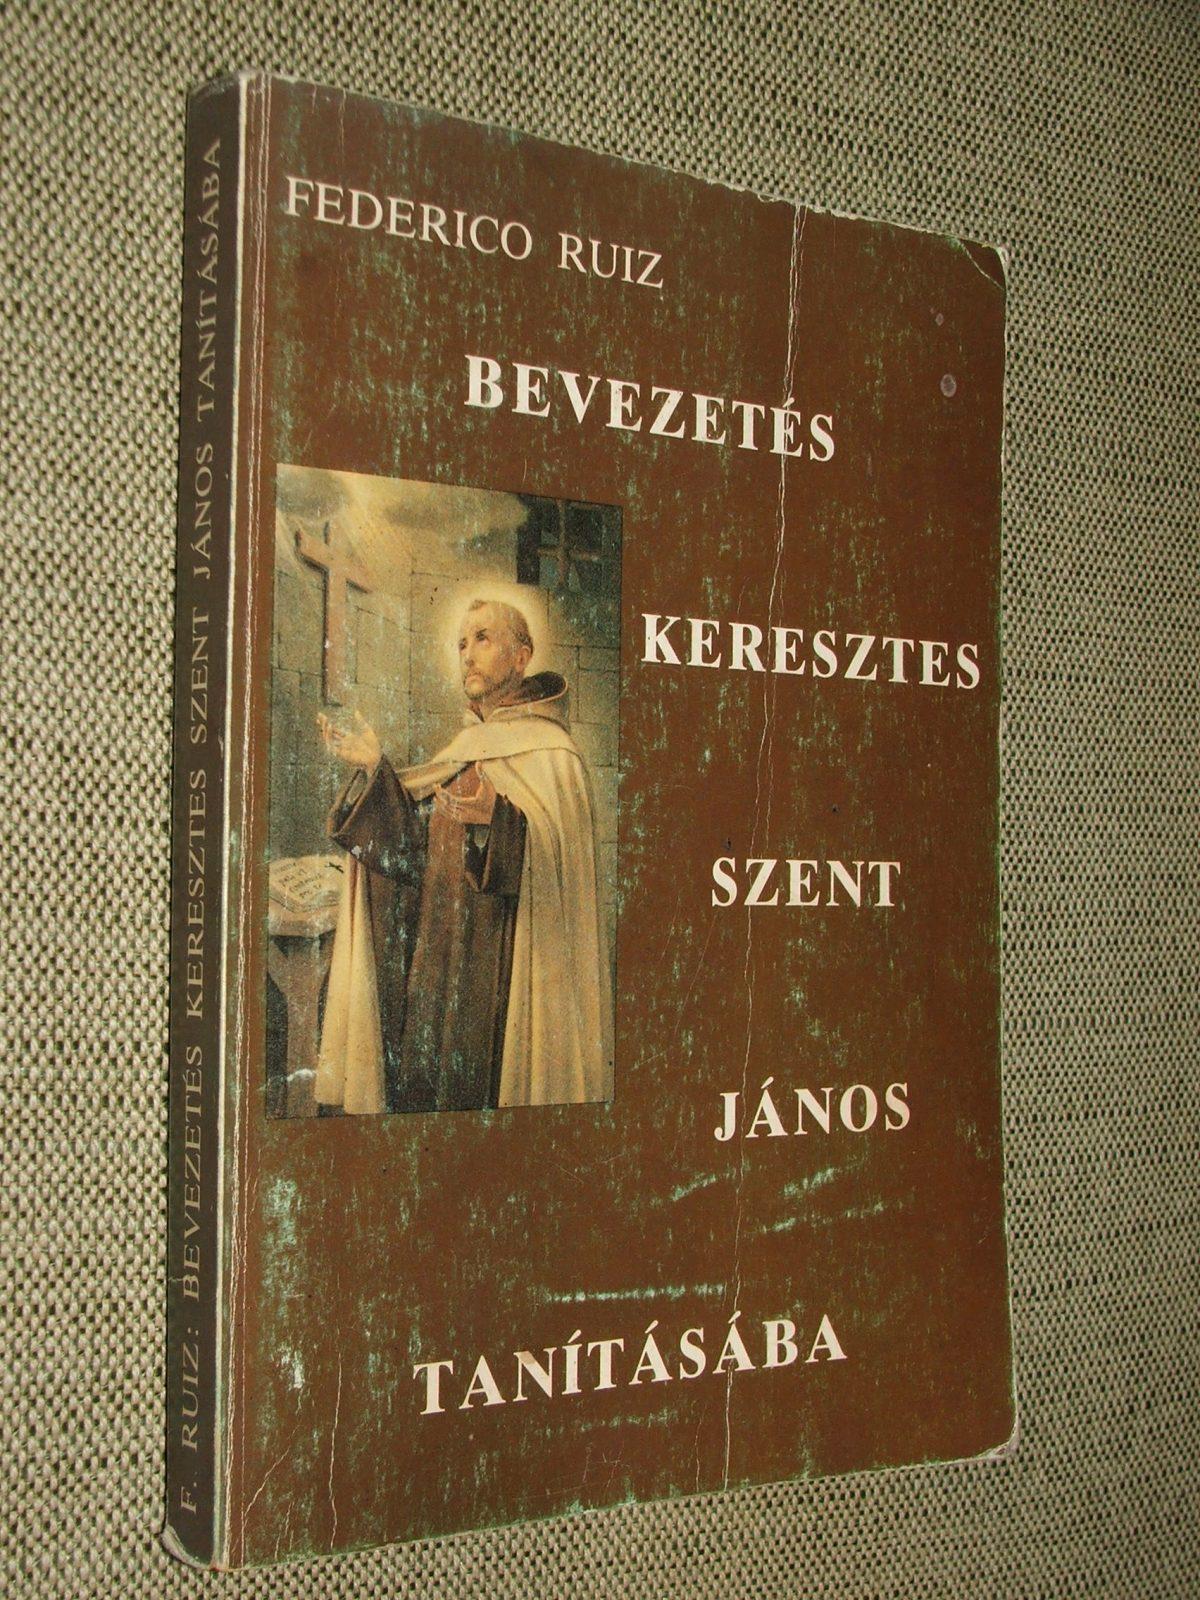 RUIZ, Federico: Bevezetés Keresztes Szent János tanításába